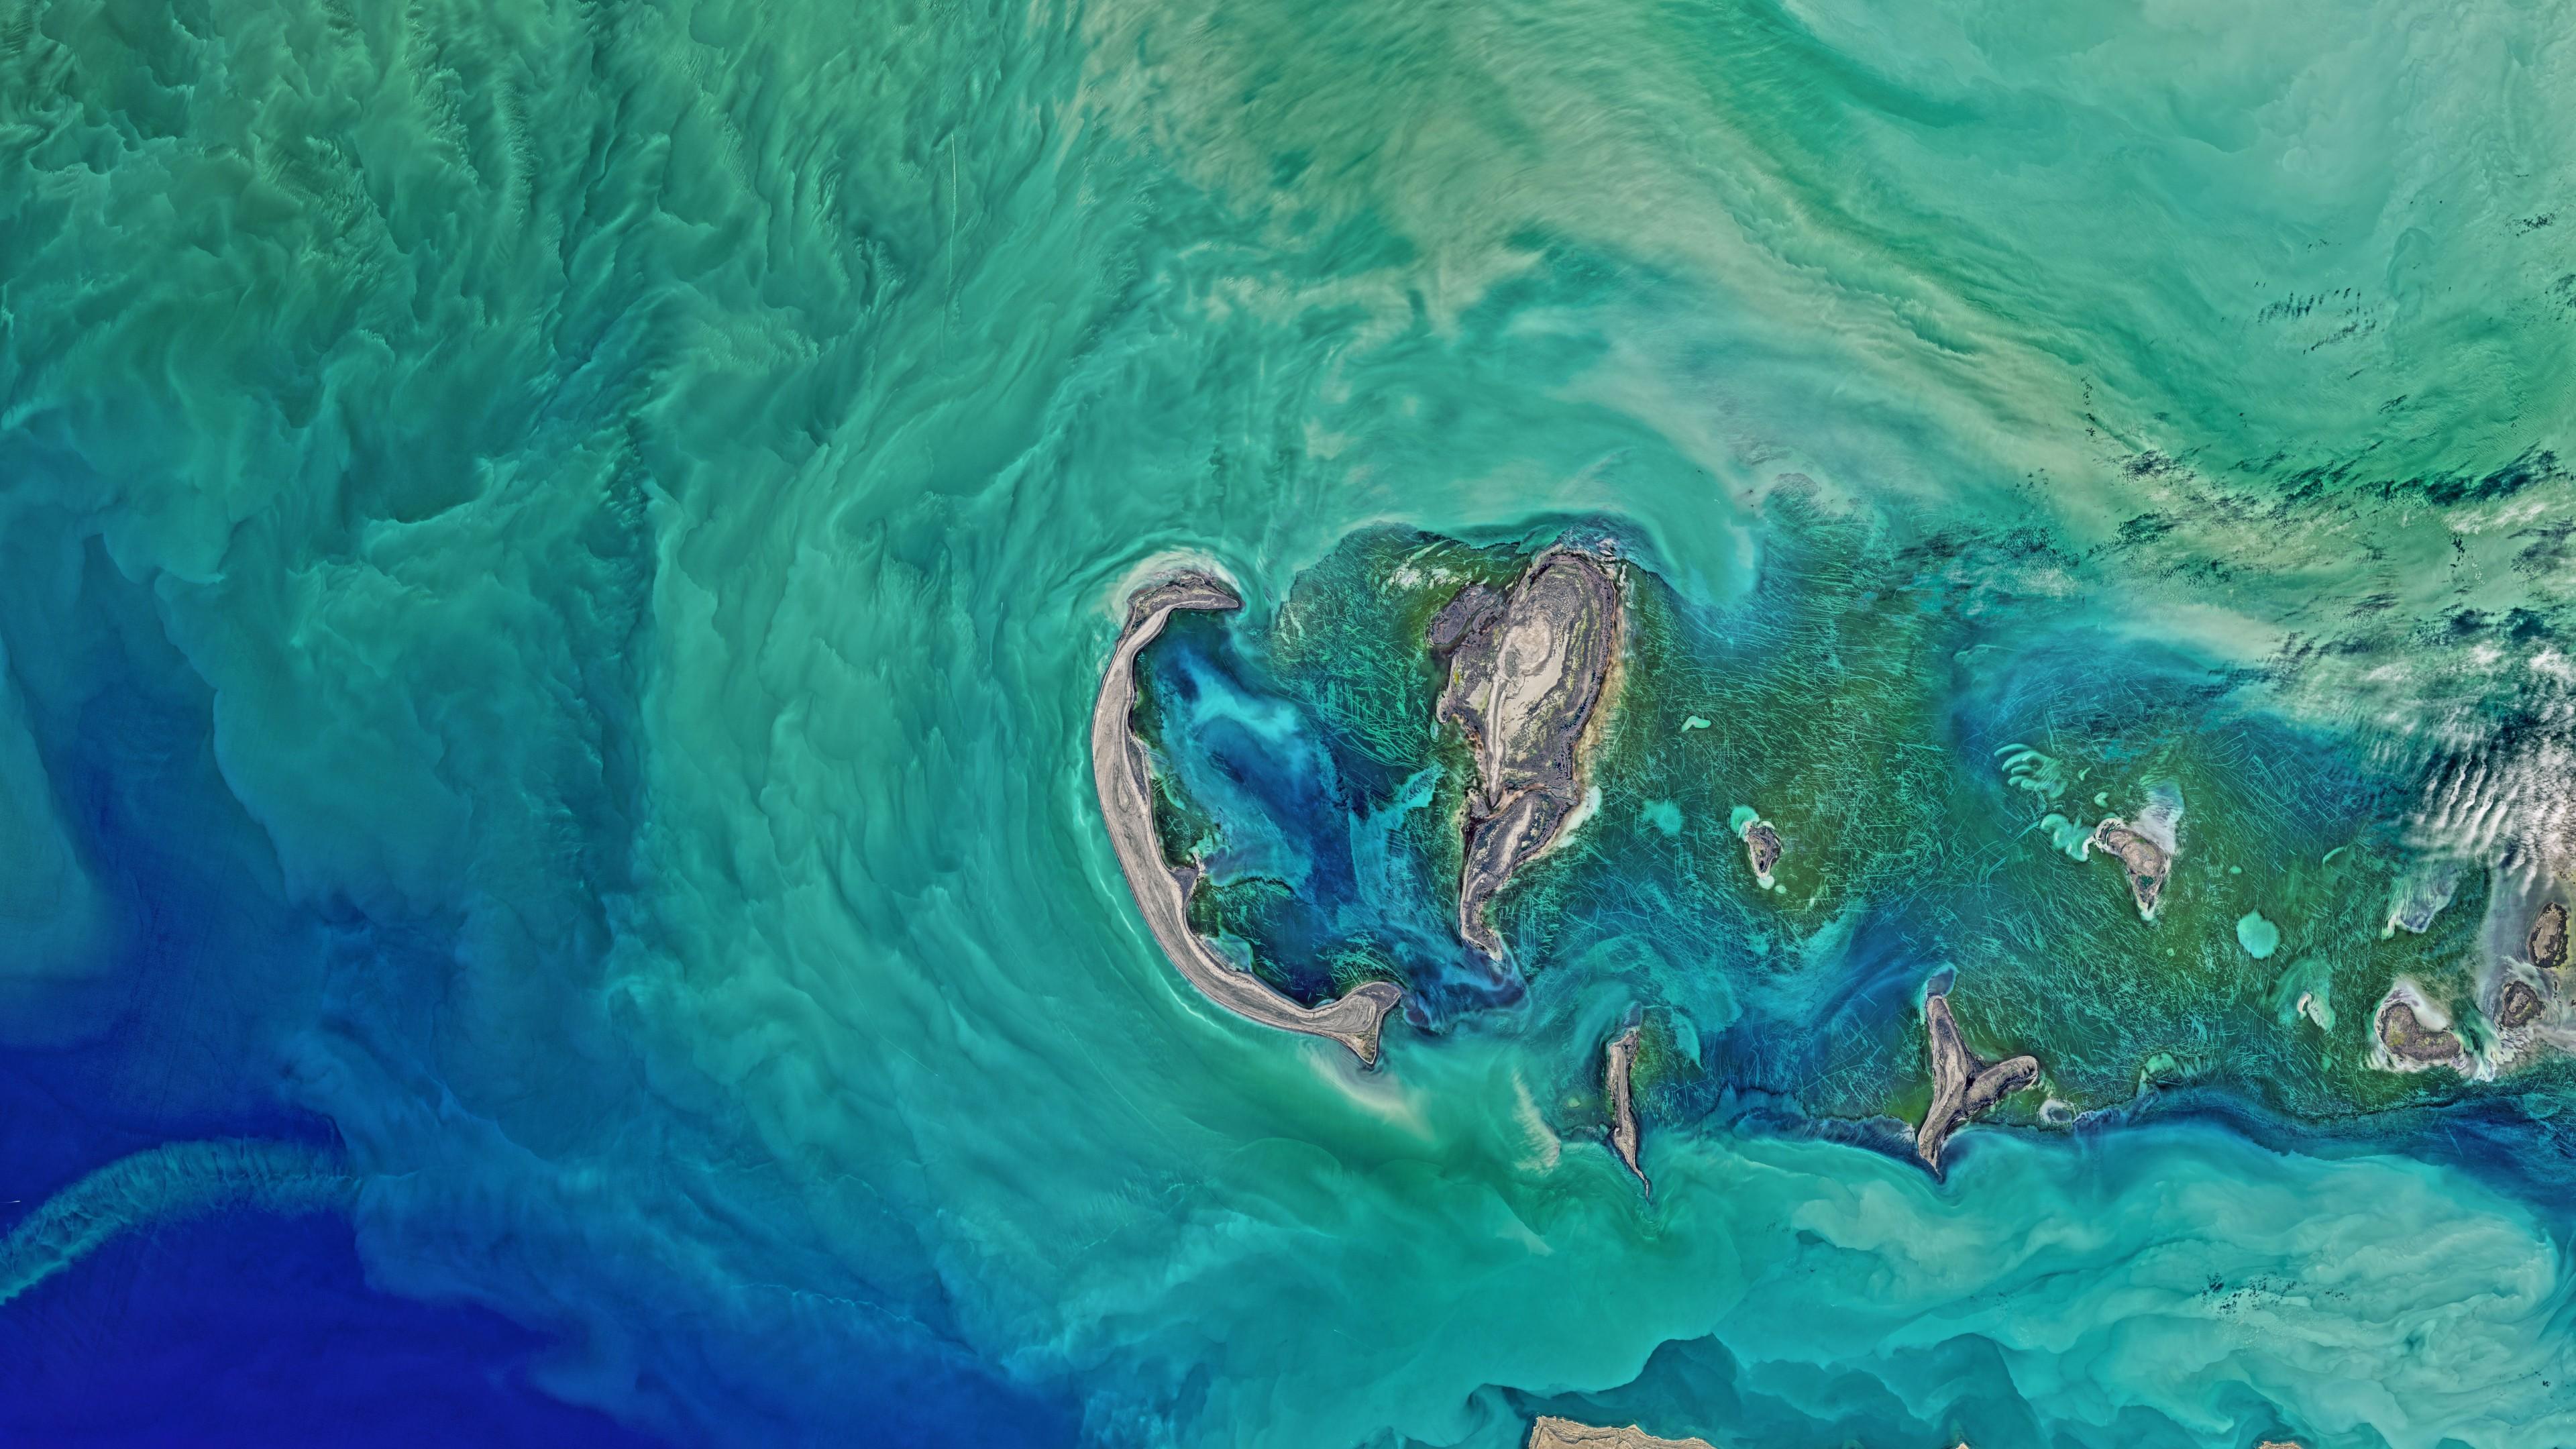 Аэросъемка шторма в океане с сине-изумрудными волнами,островами,деревьями